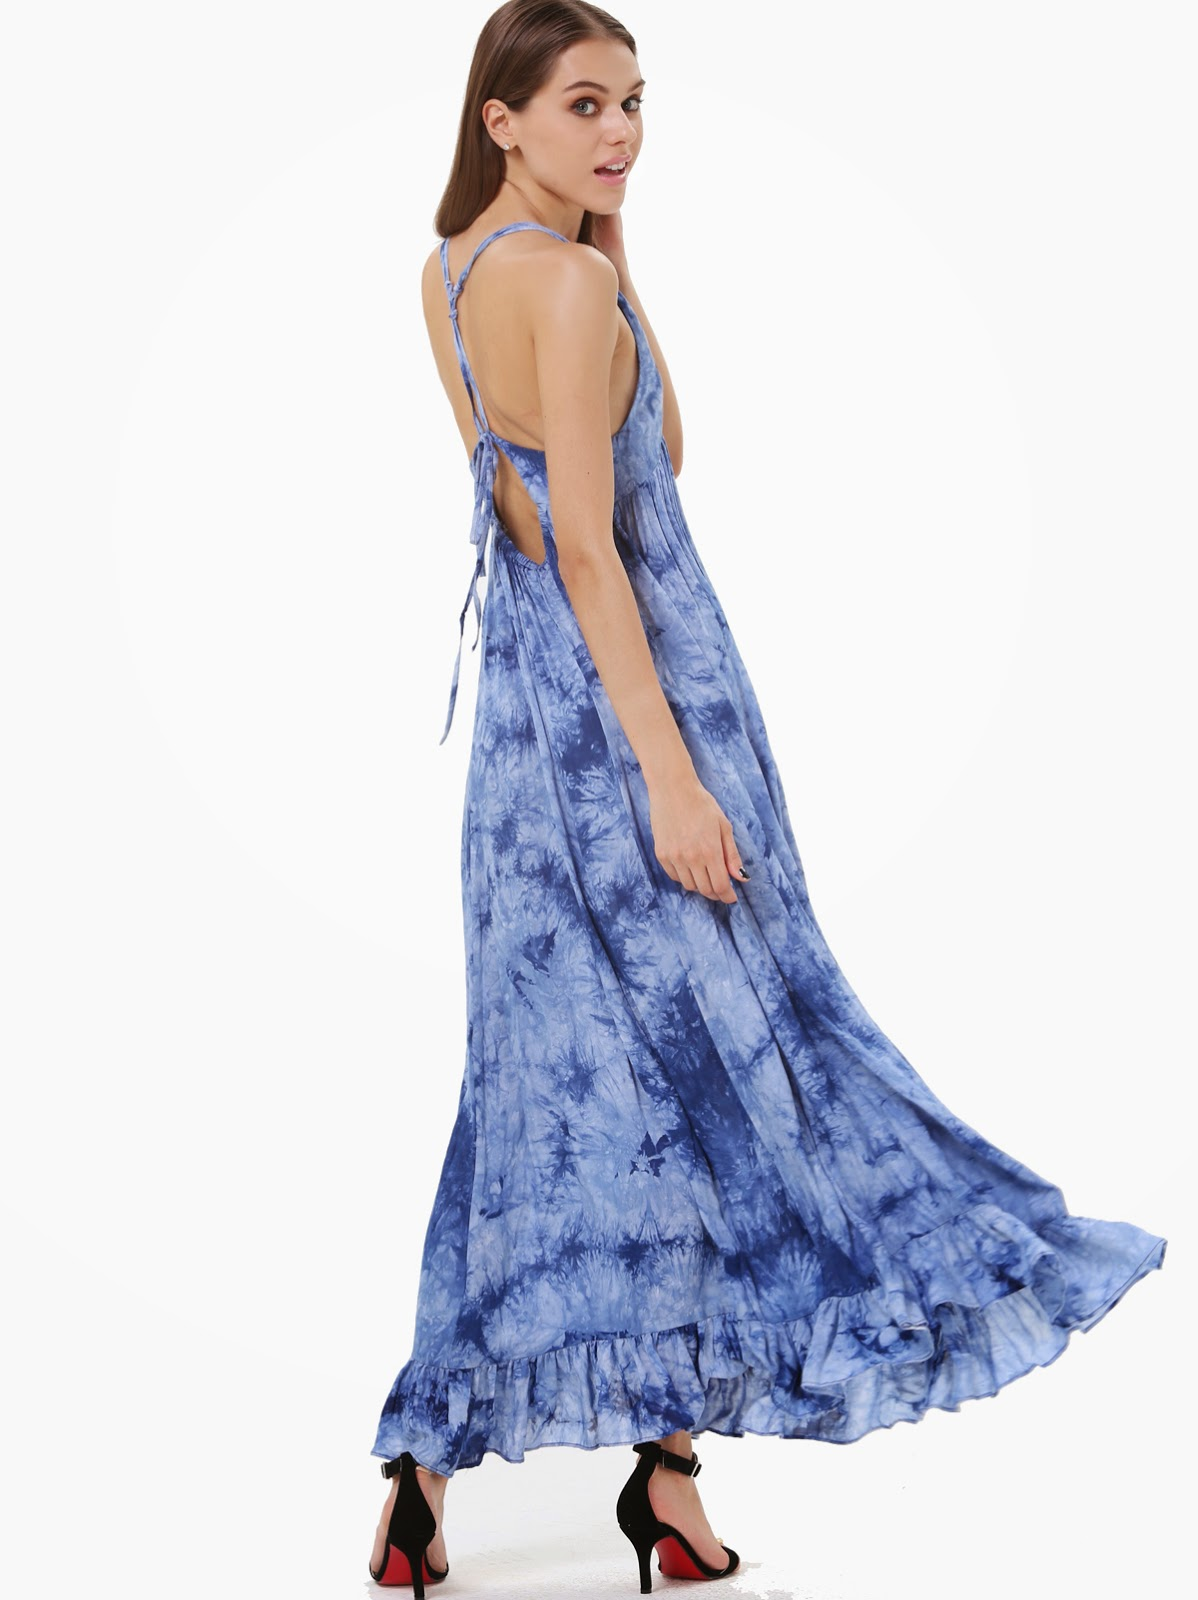 Yazlık Maxi Elbise Kombinleri